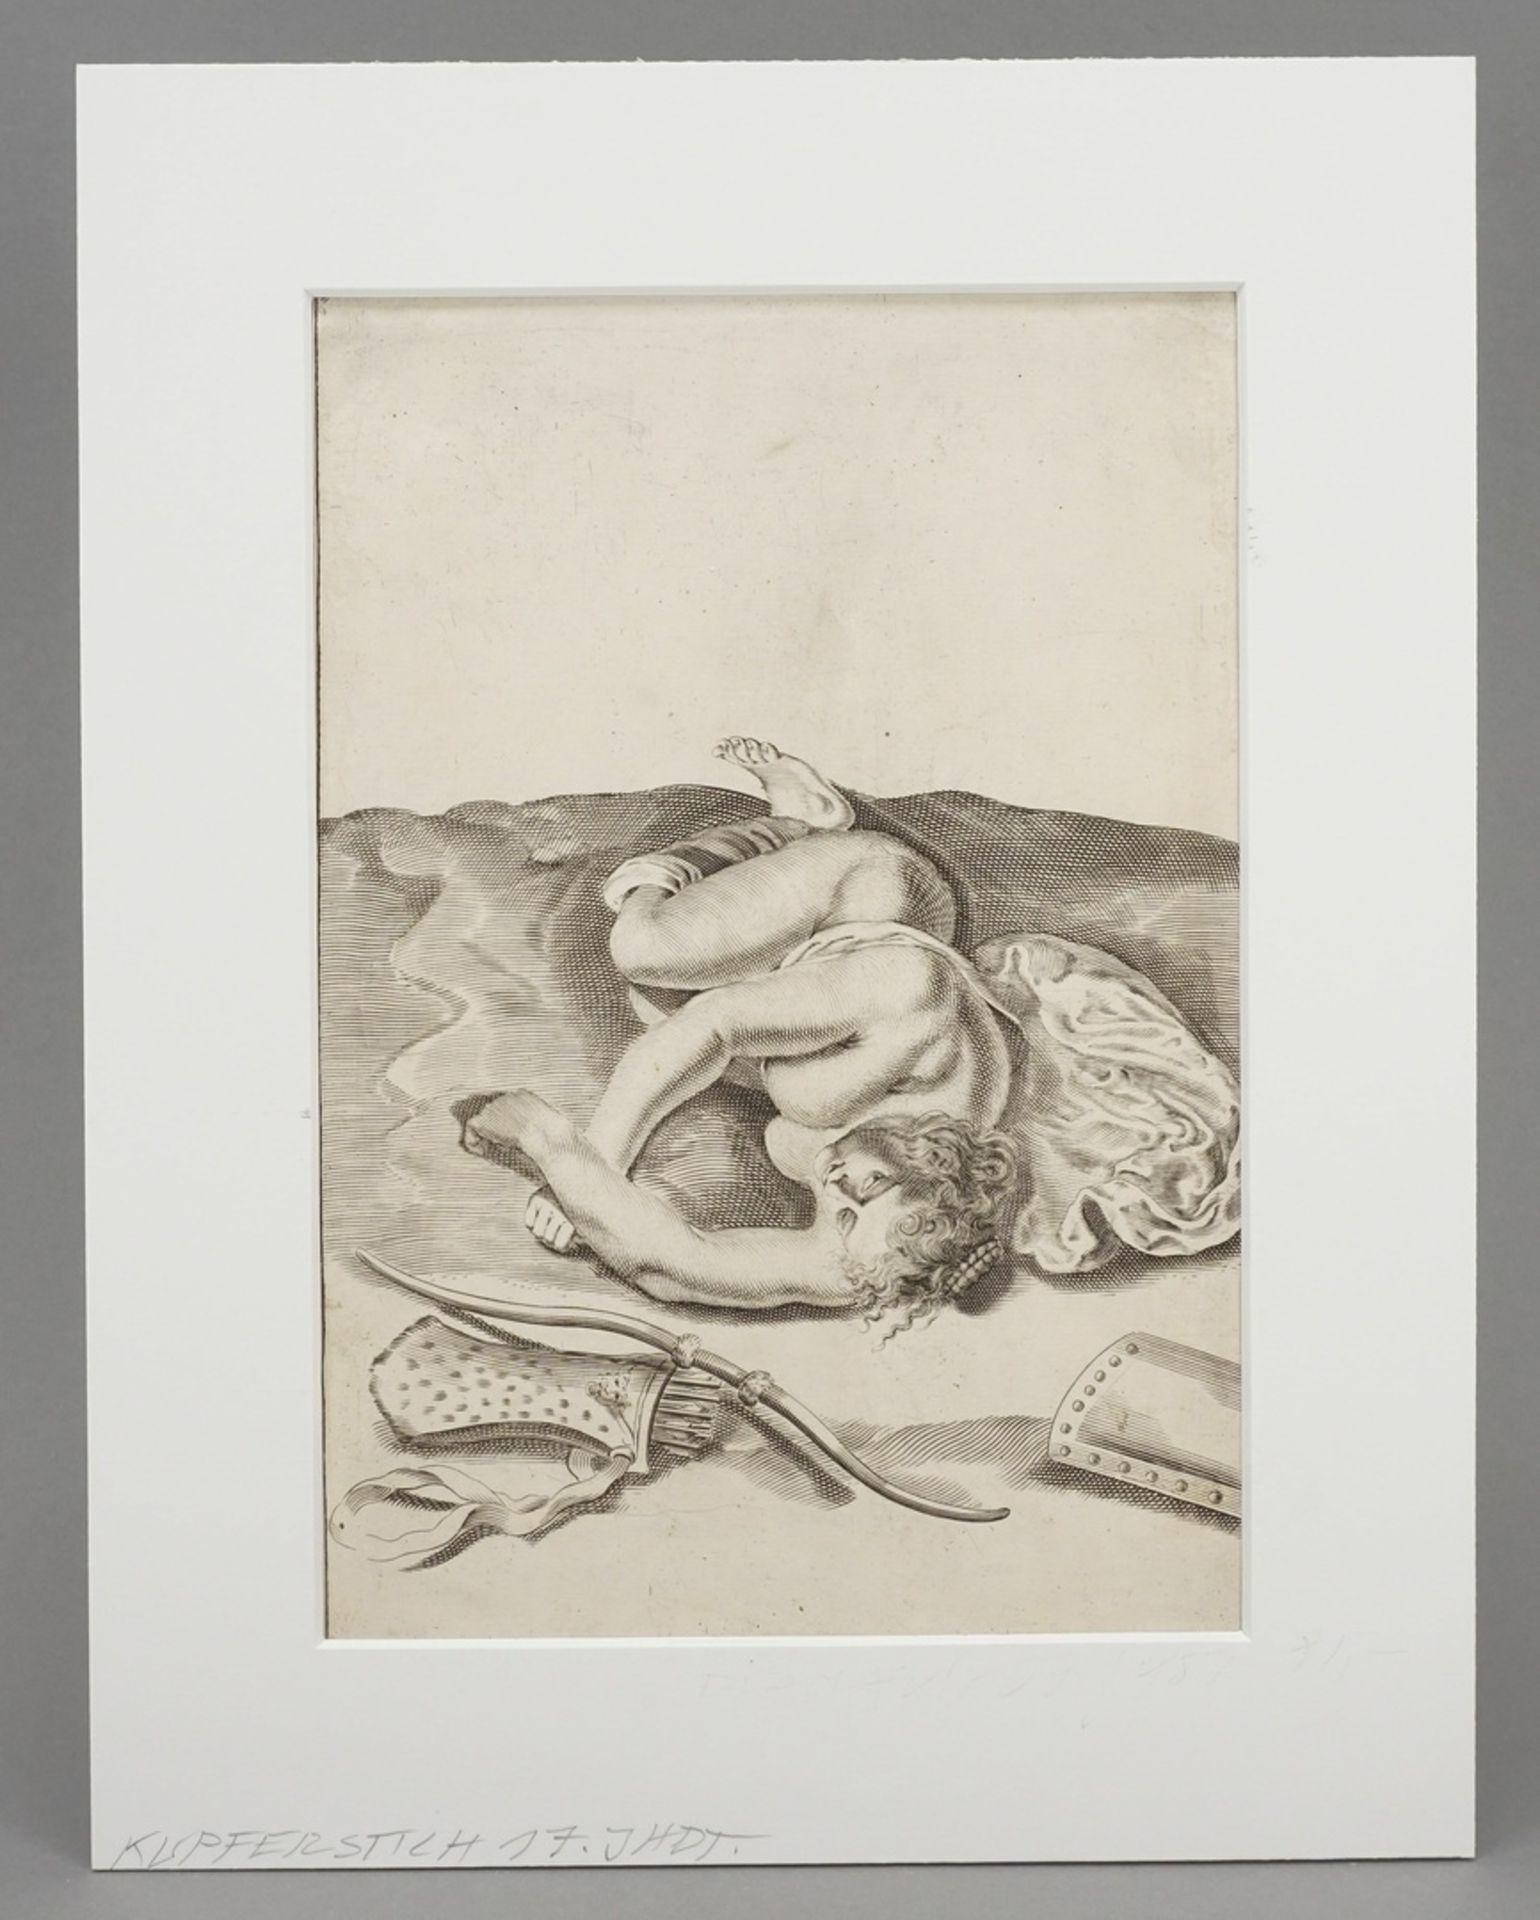 Gerard de Lairesse, Studienblatt zur optischen Verkürzung (Liegende als Nymphe der Diana) - Bild 2 aus 4